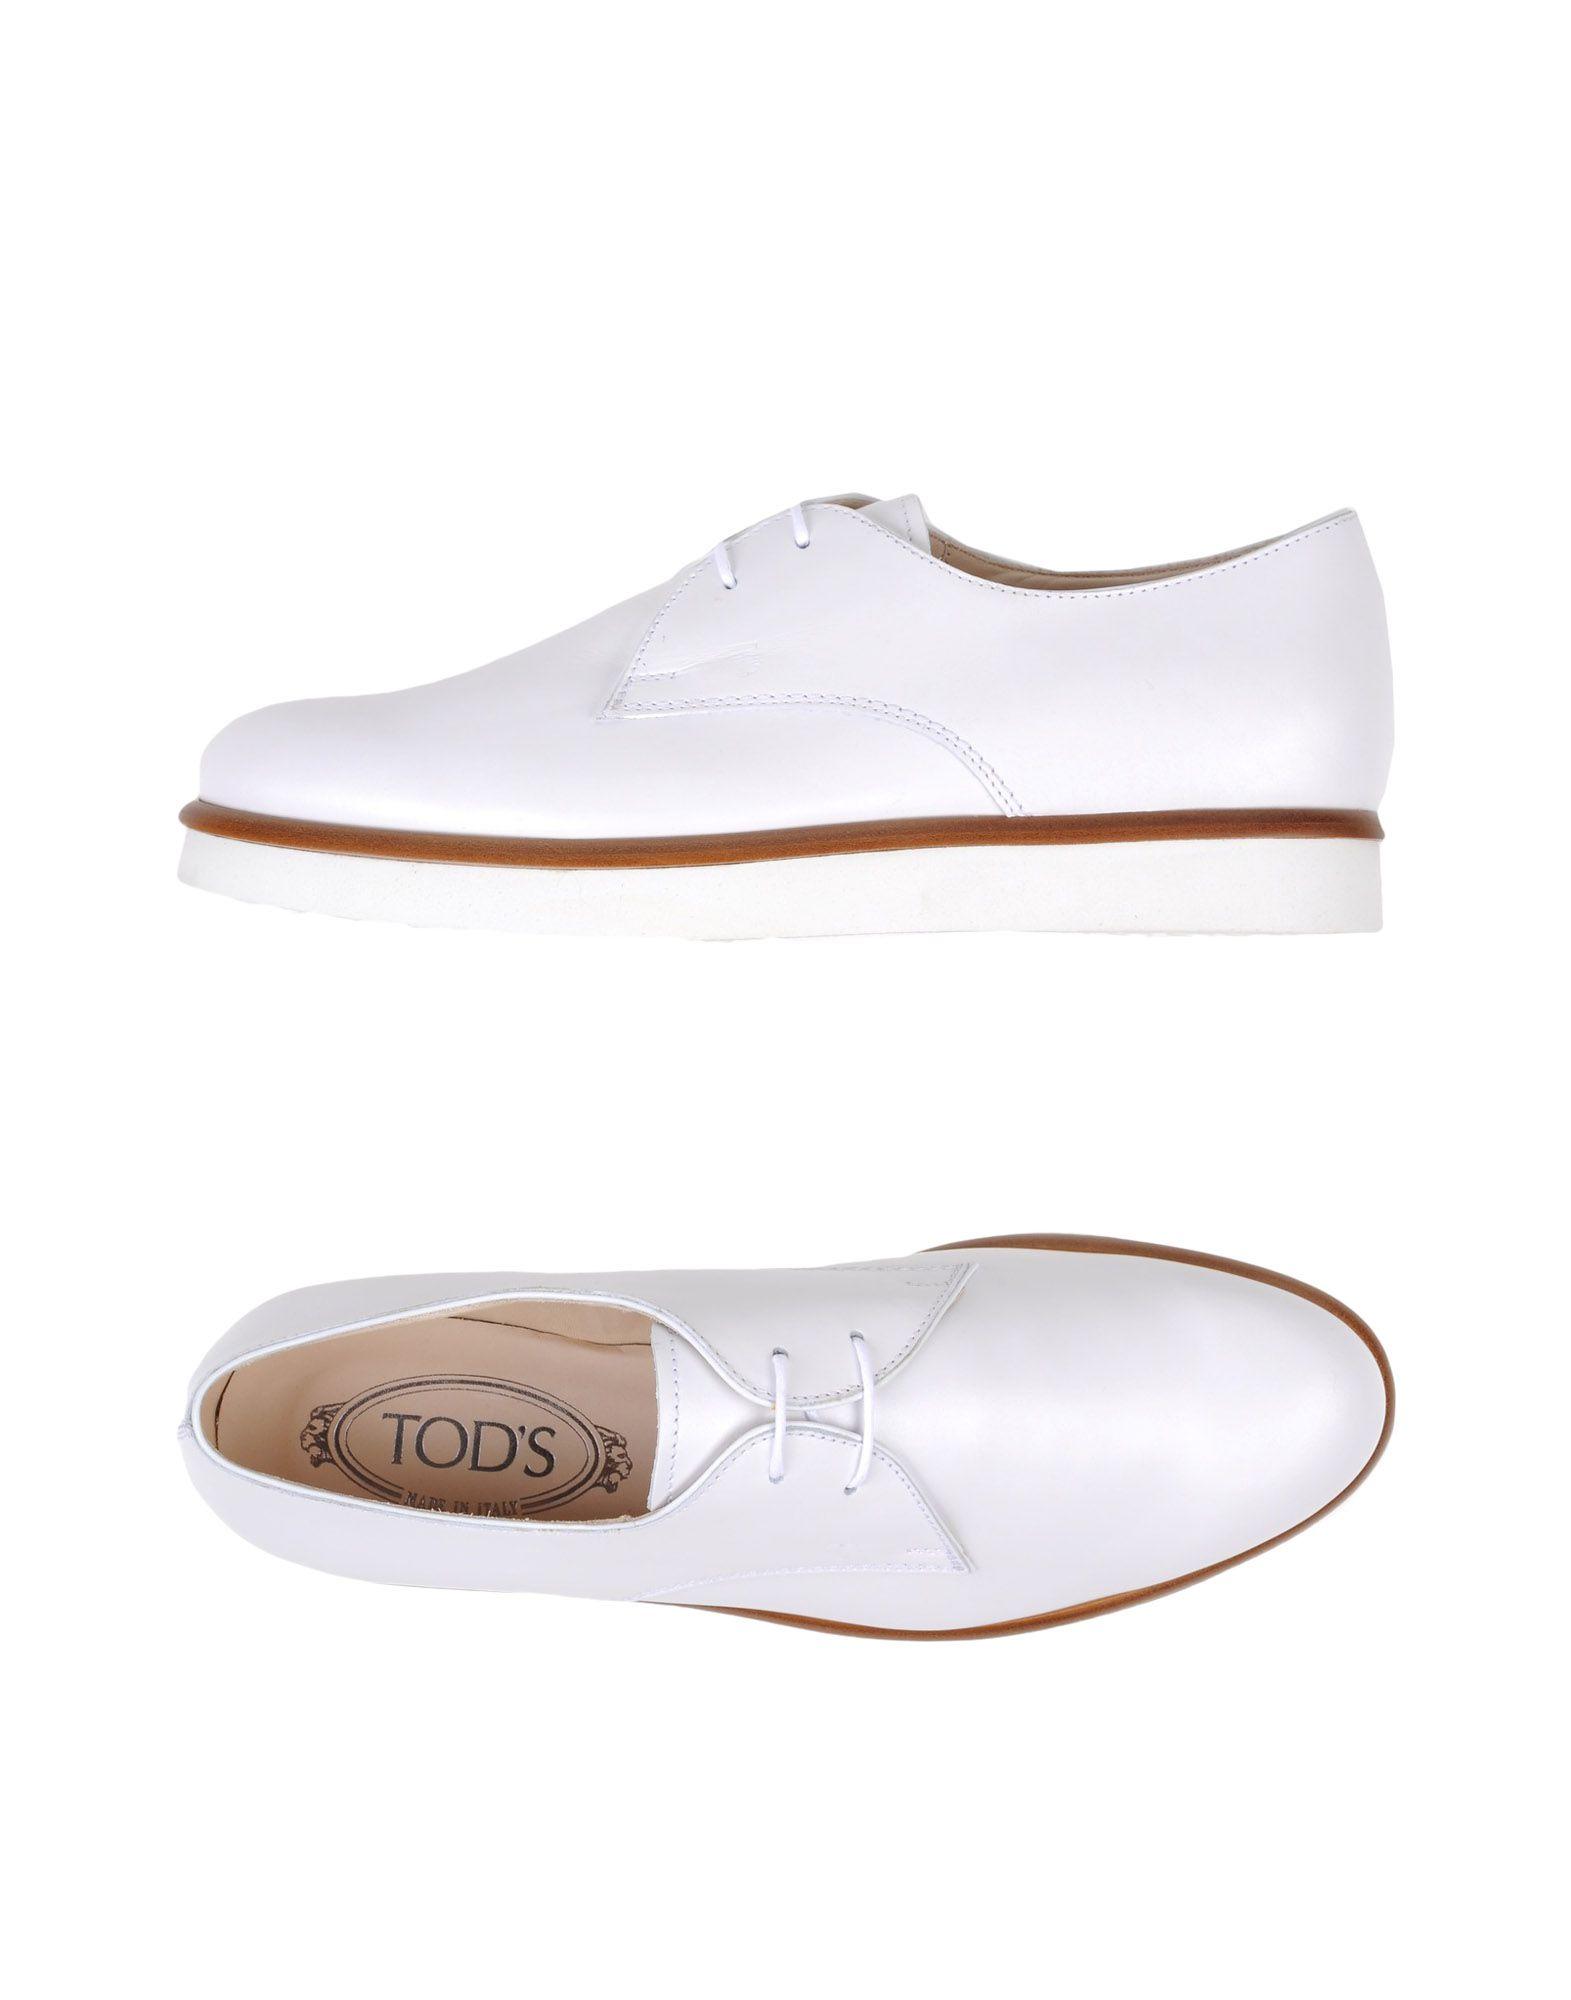 Rabatt Schuhe  Tod's Schnürschuhe Damen  Schuhe 11130669IJ 8a4856